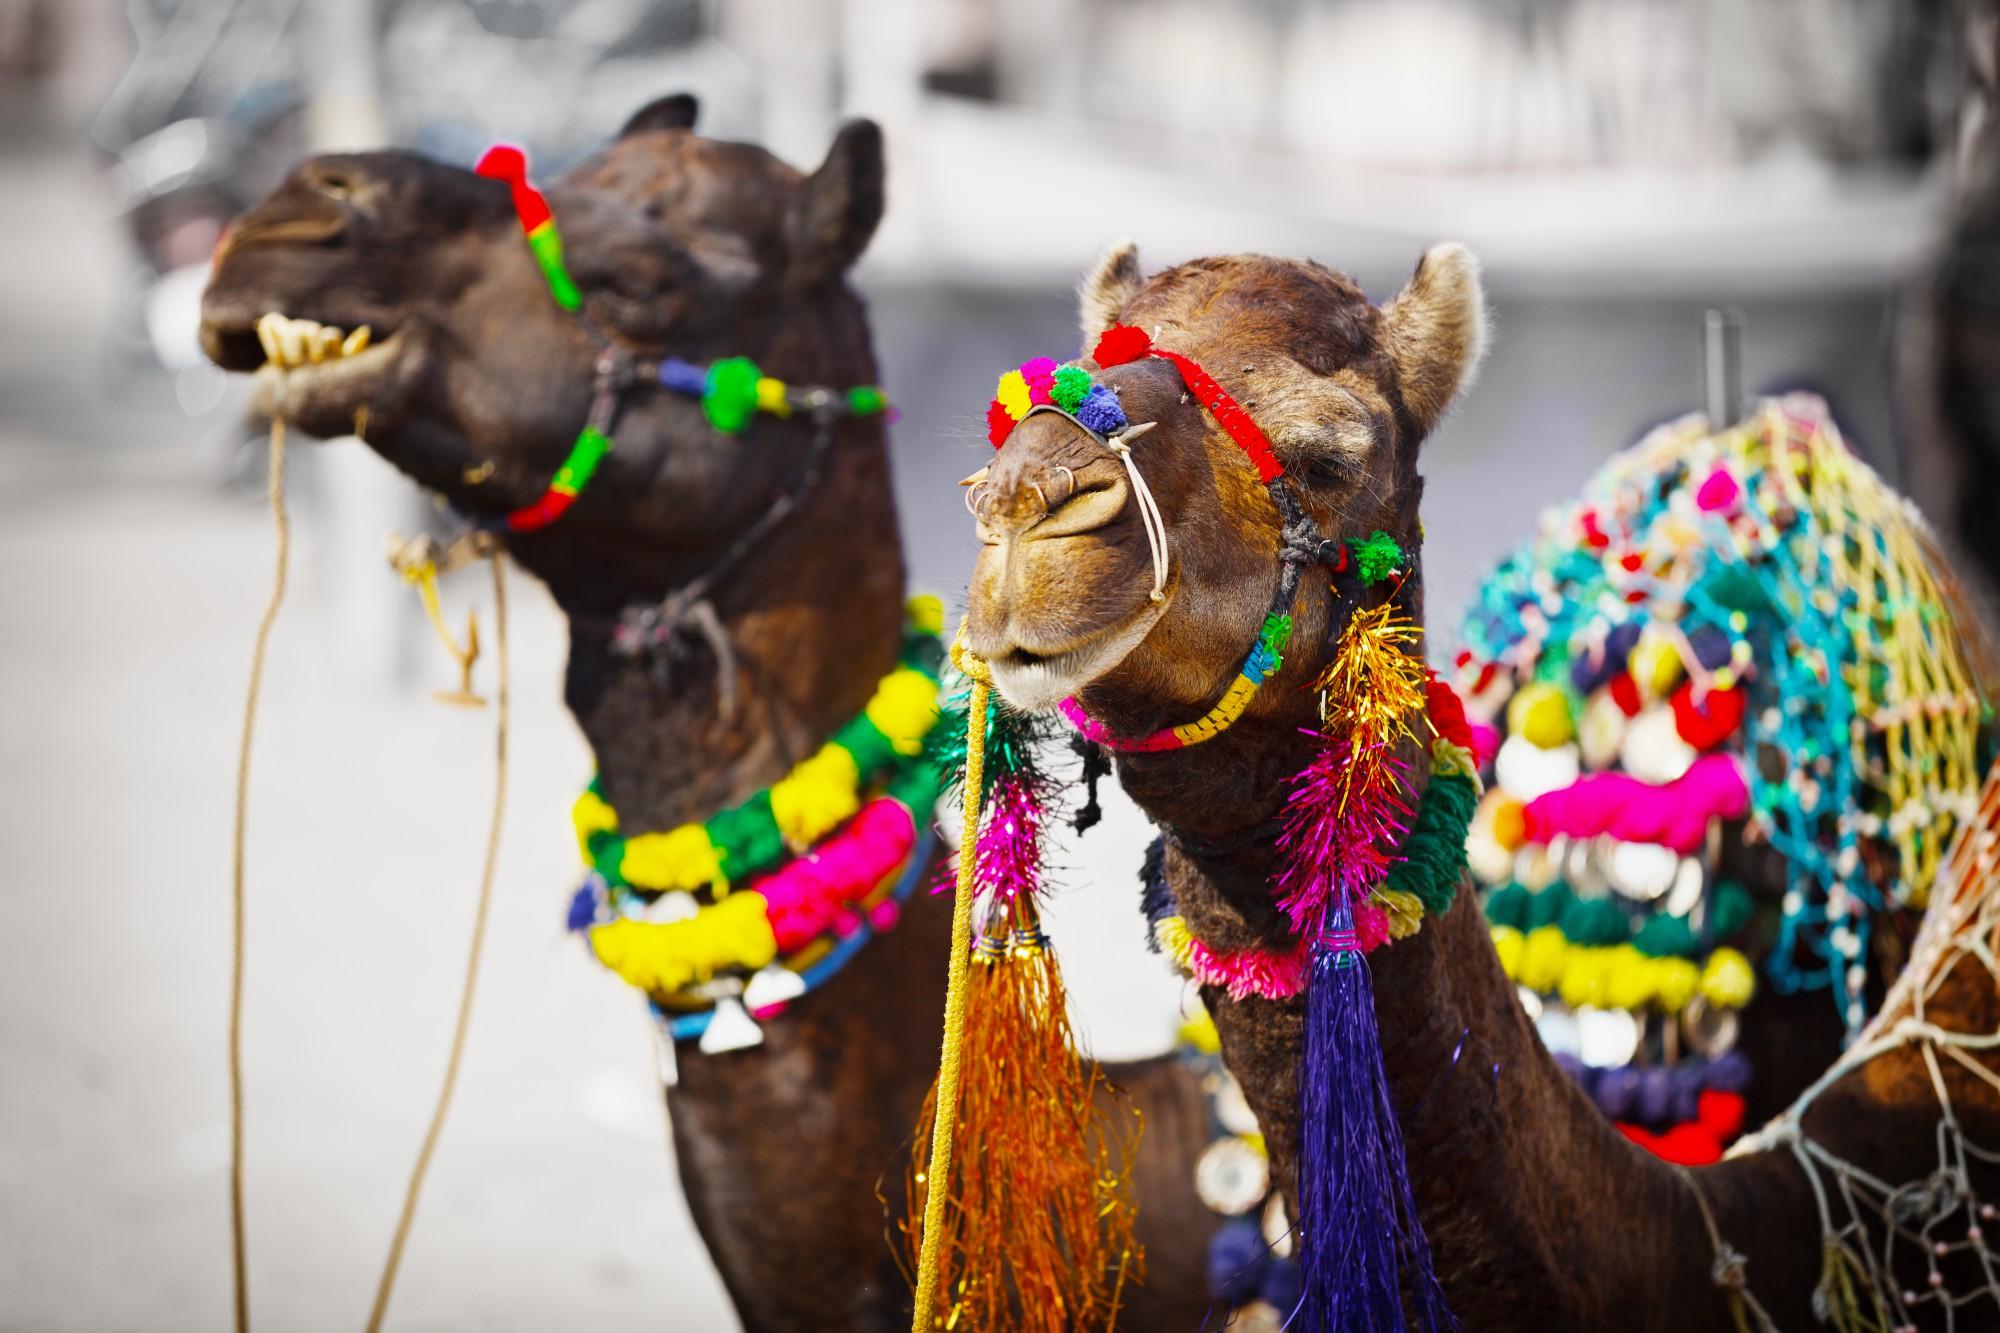 Vítejte v barevném Radžastánu